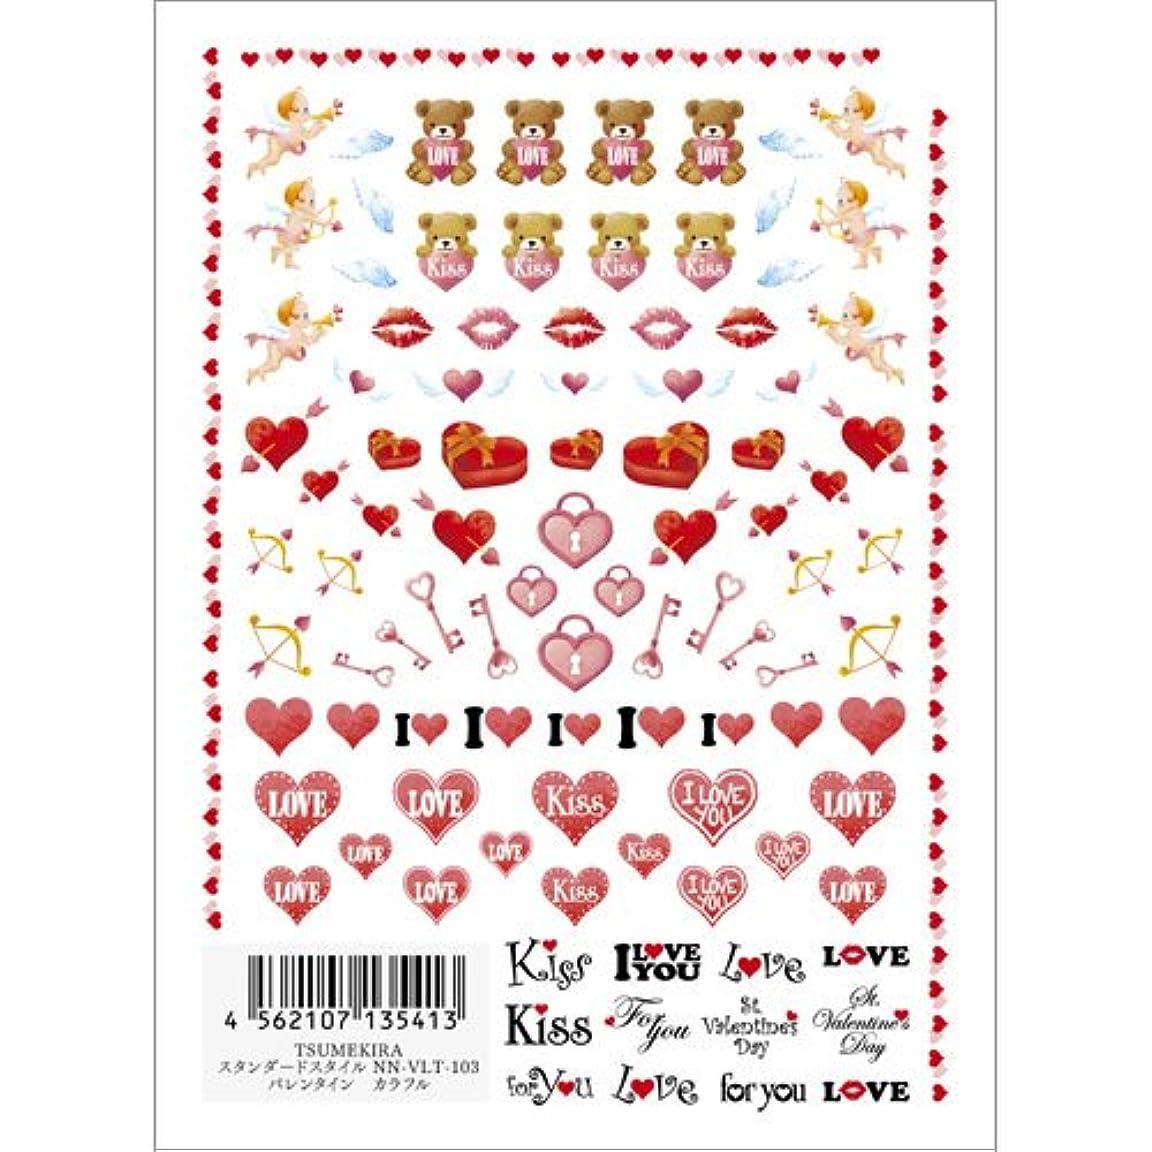 ボルト現像サーバツメキラ ネイル用シール スタンダードスタイル バレンタイン カラフル